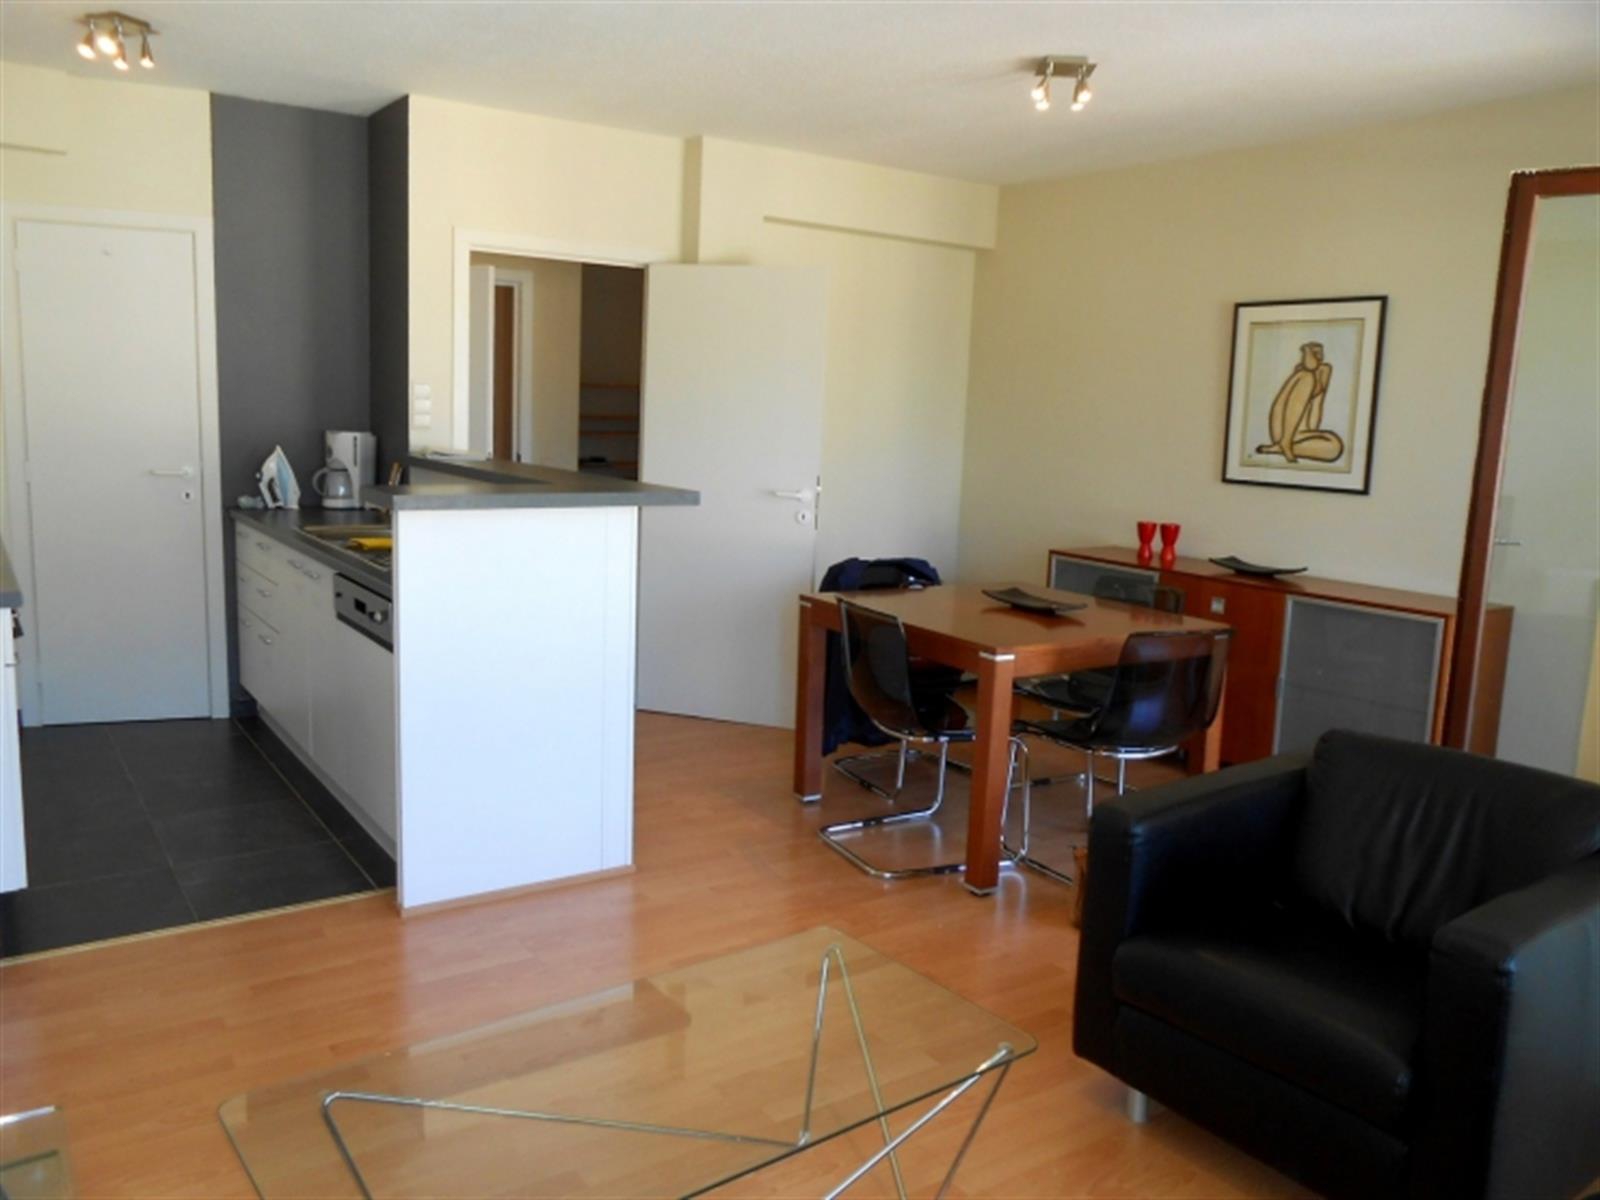 Appartement - Woluwe-Saint-Pierre - #4100706-1